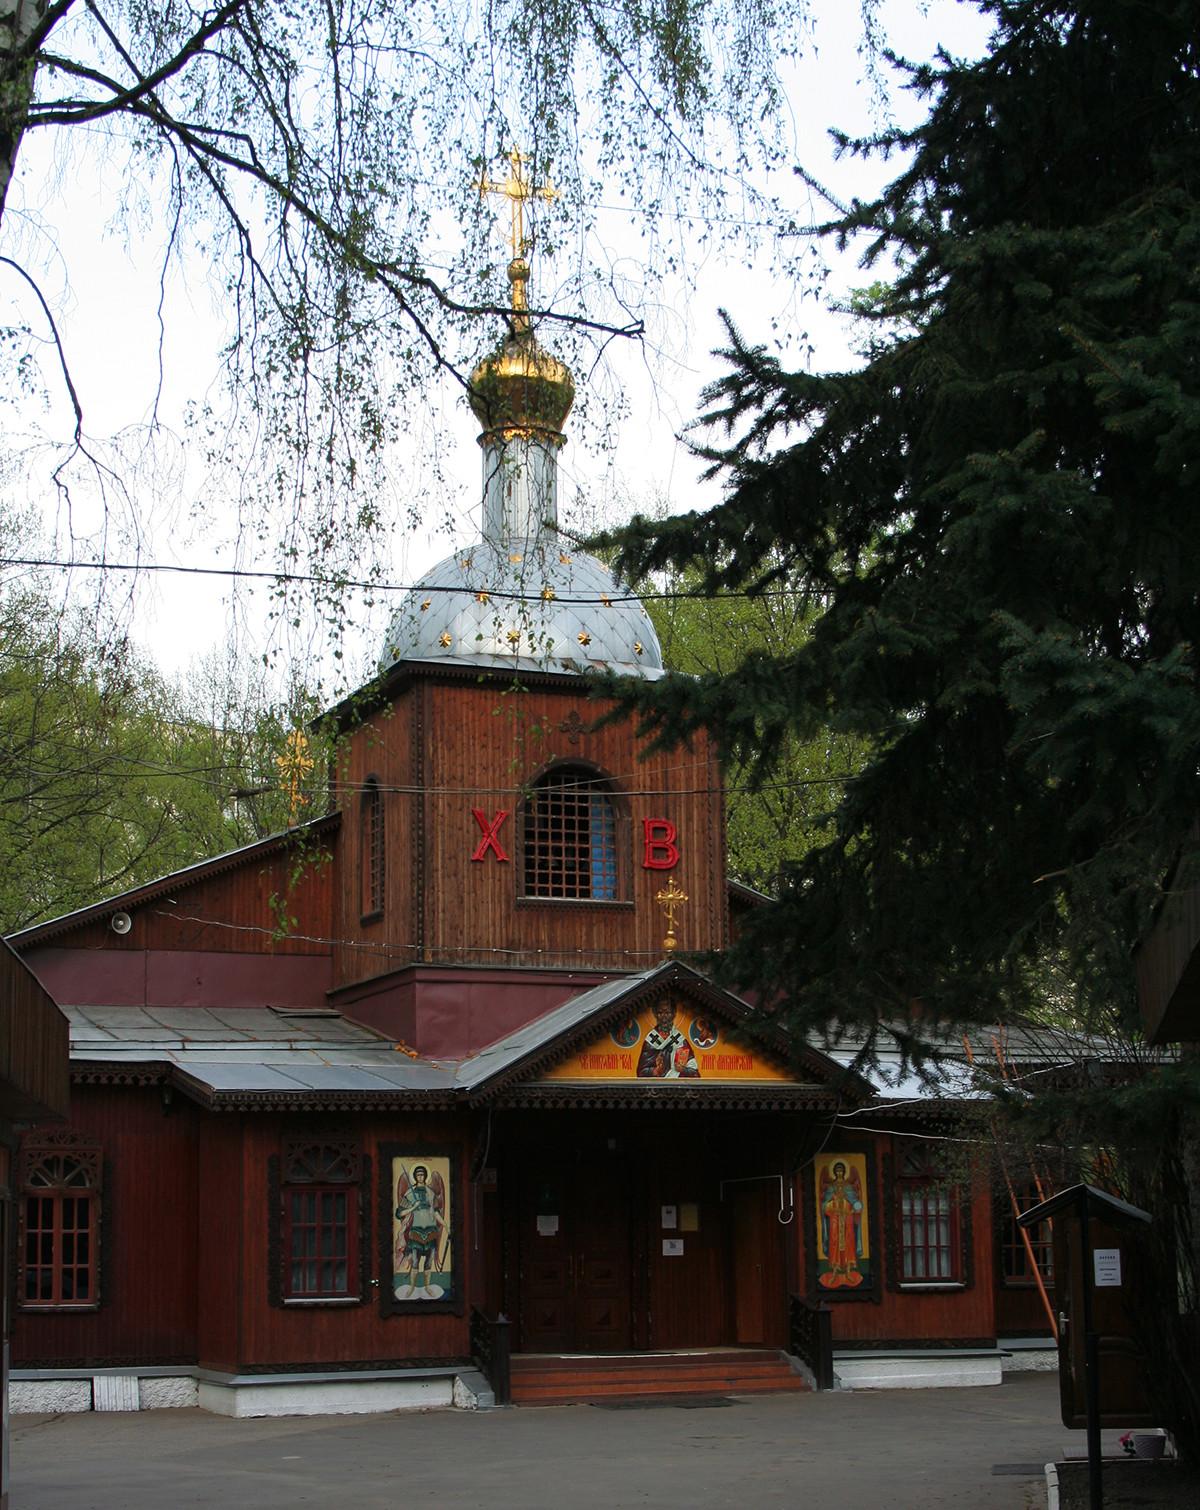 Храм на Спасителя Николай Чудотворец в Бирюльов, Москва, построен през 1956 г.